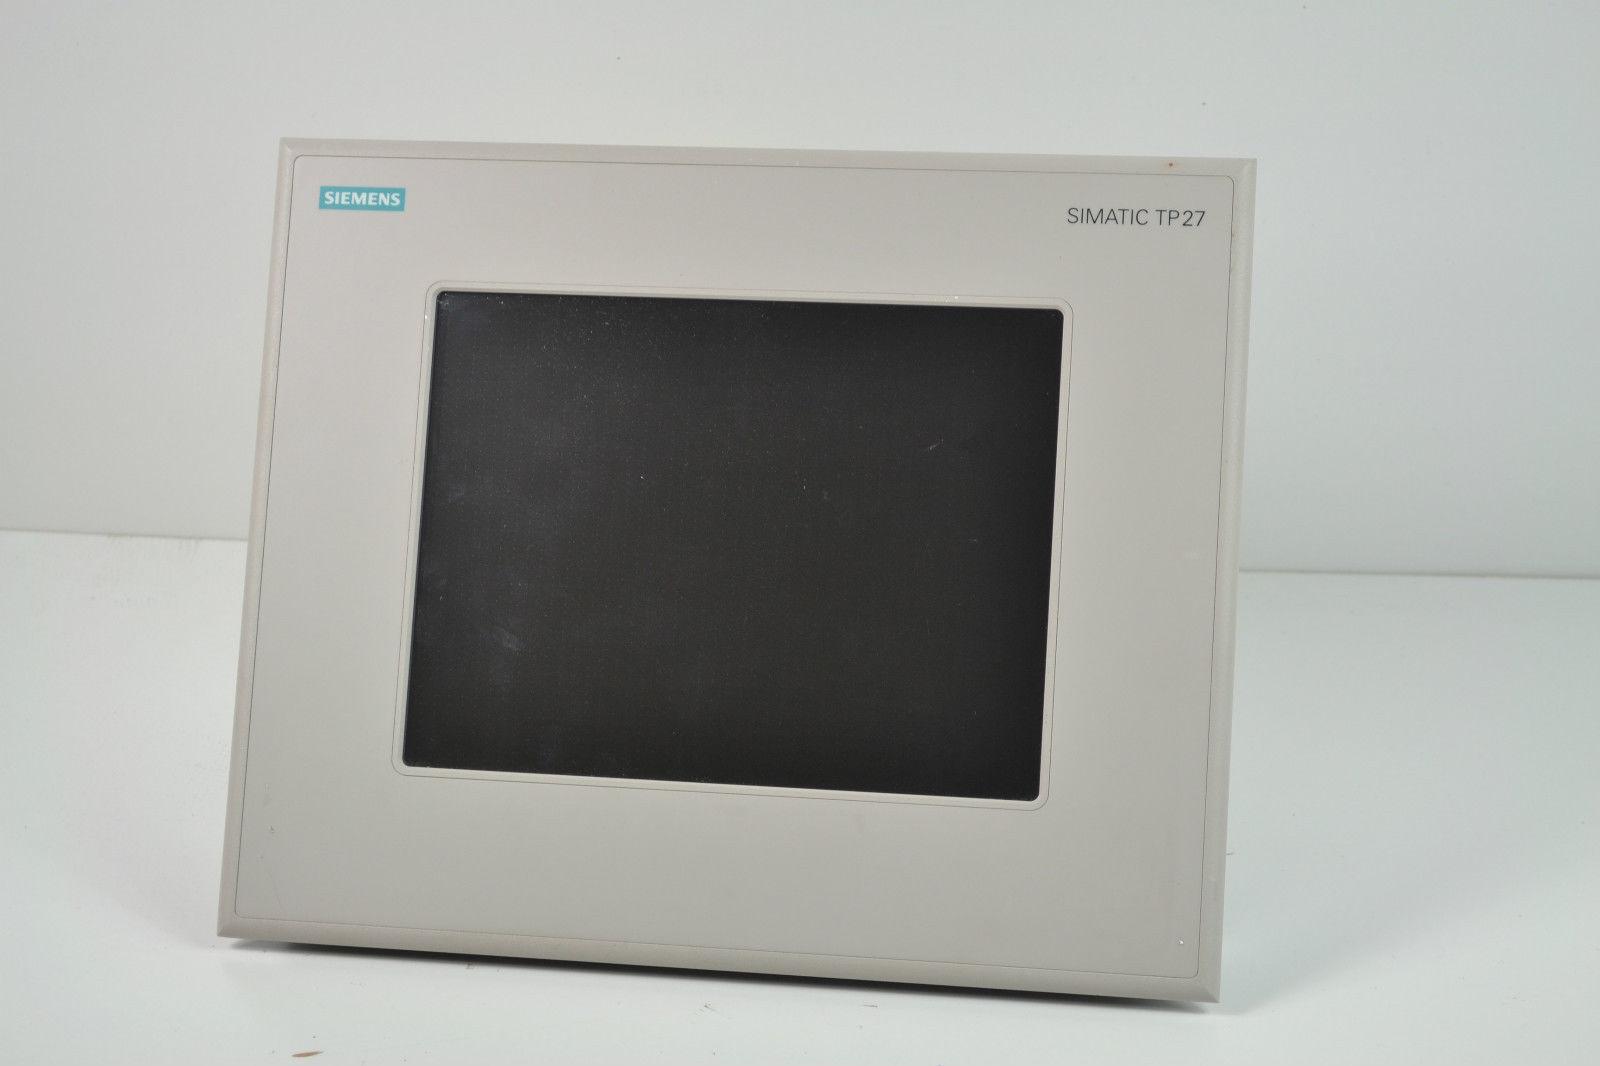 Thay Thế Cảm Ứng Màn Hình TP27 HMI Siemens